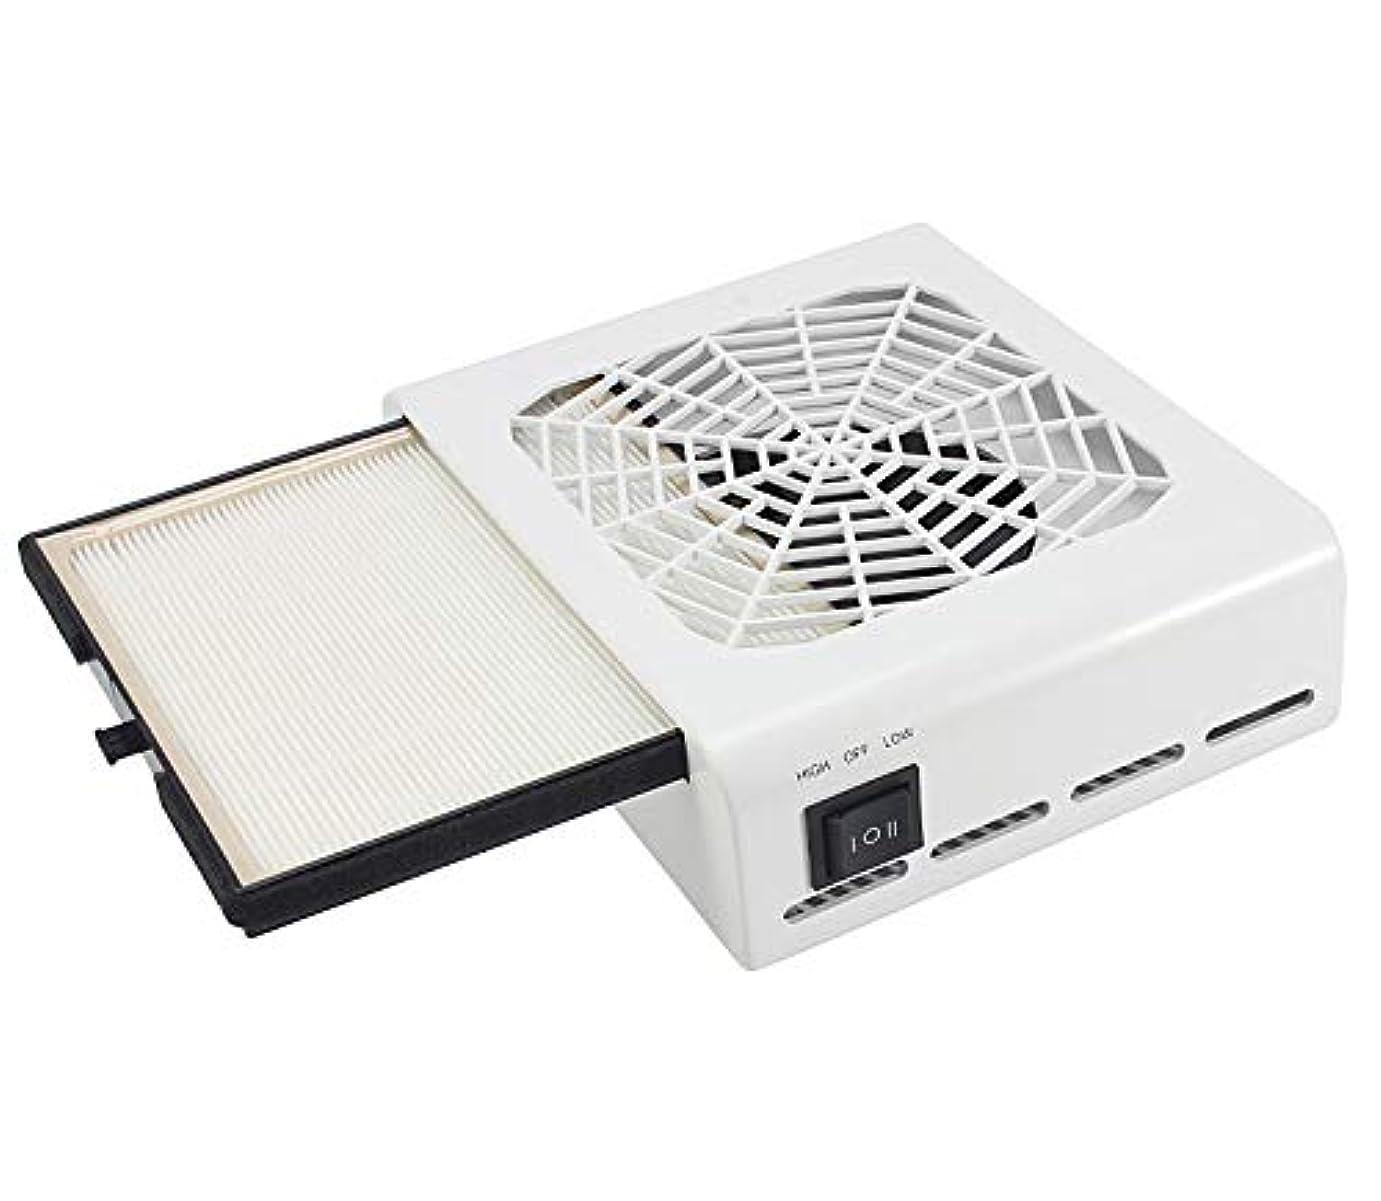 責任者肝香りネイルダスト 集塵機 ジェルネイル ネイル機器 最新版 セルフネイル 低騒音 110V 40W パワー調節可能 白